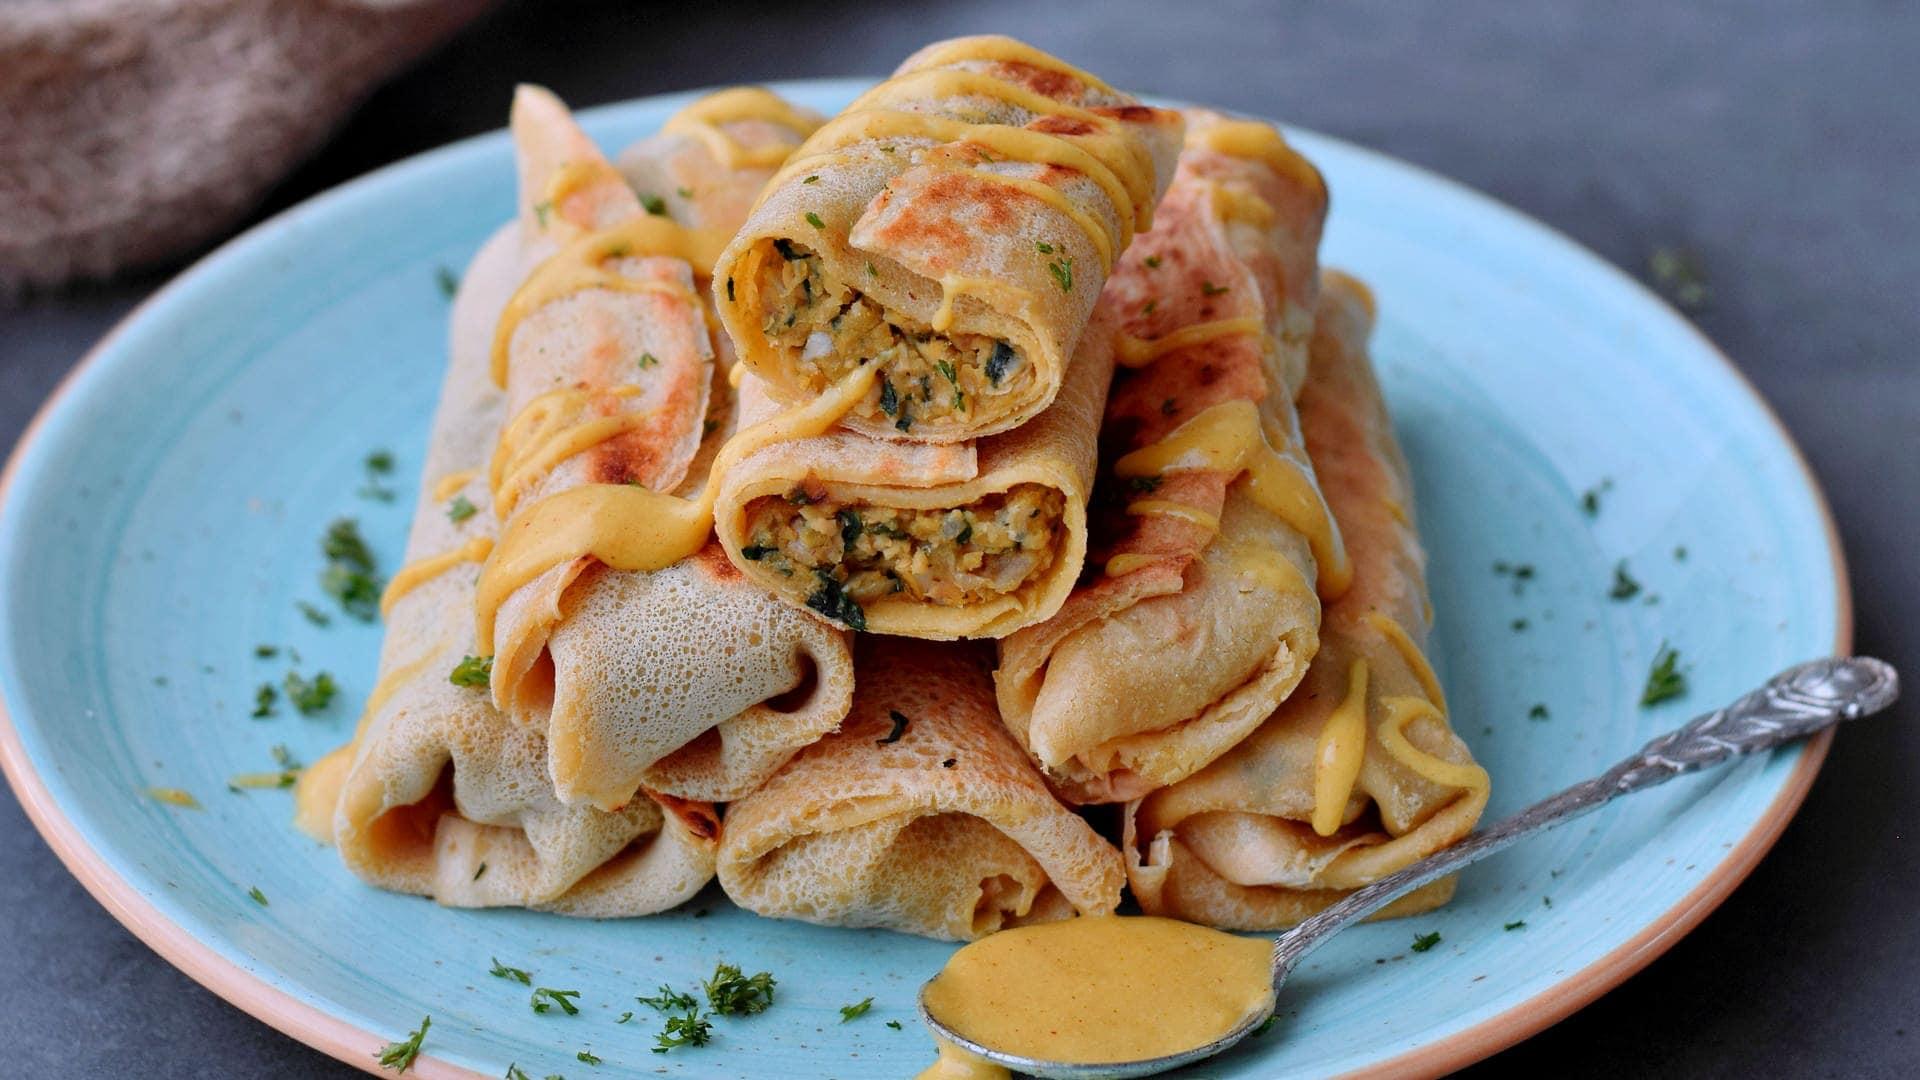 6 herzhaft gefüllte Wraps auf einem türkisen Teller mit veganer Käsesoße